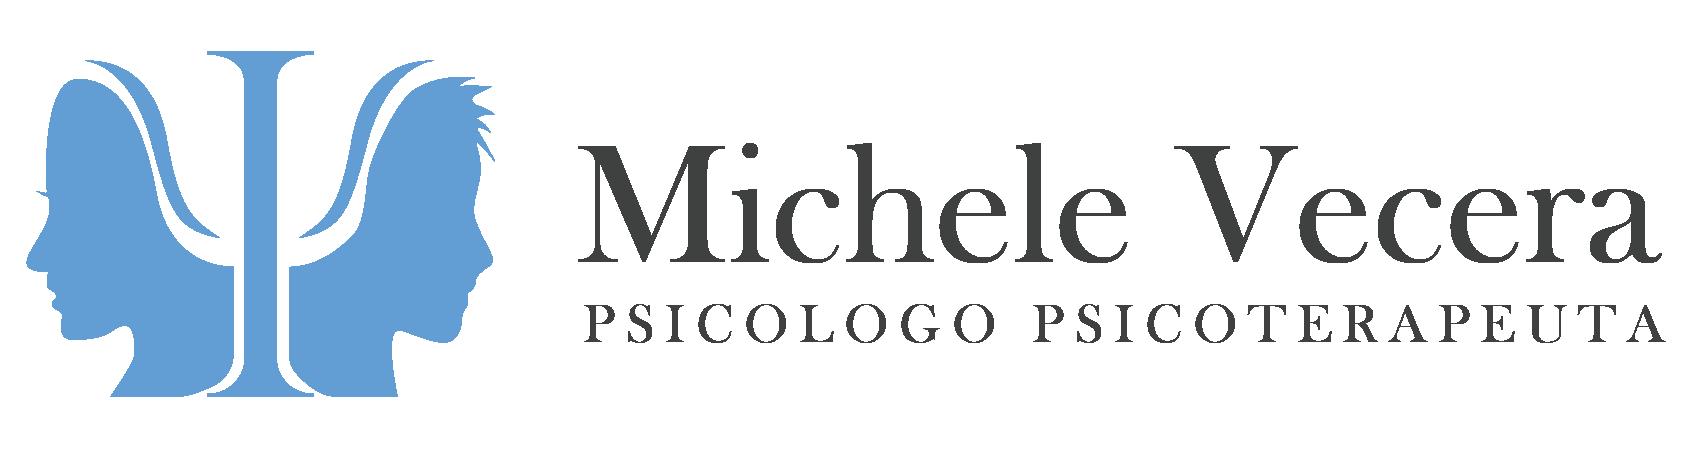 Dott. Michele Vecera - Psicologo Psicoterapeuta